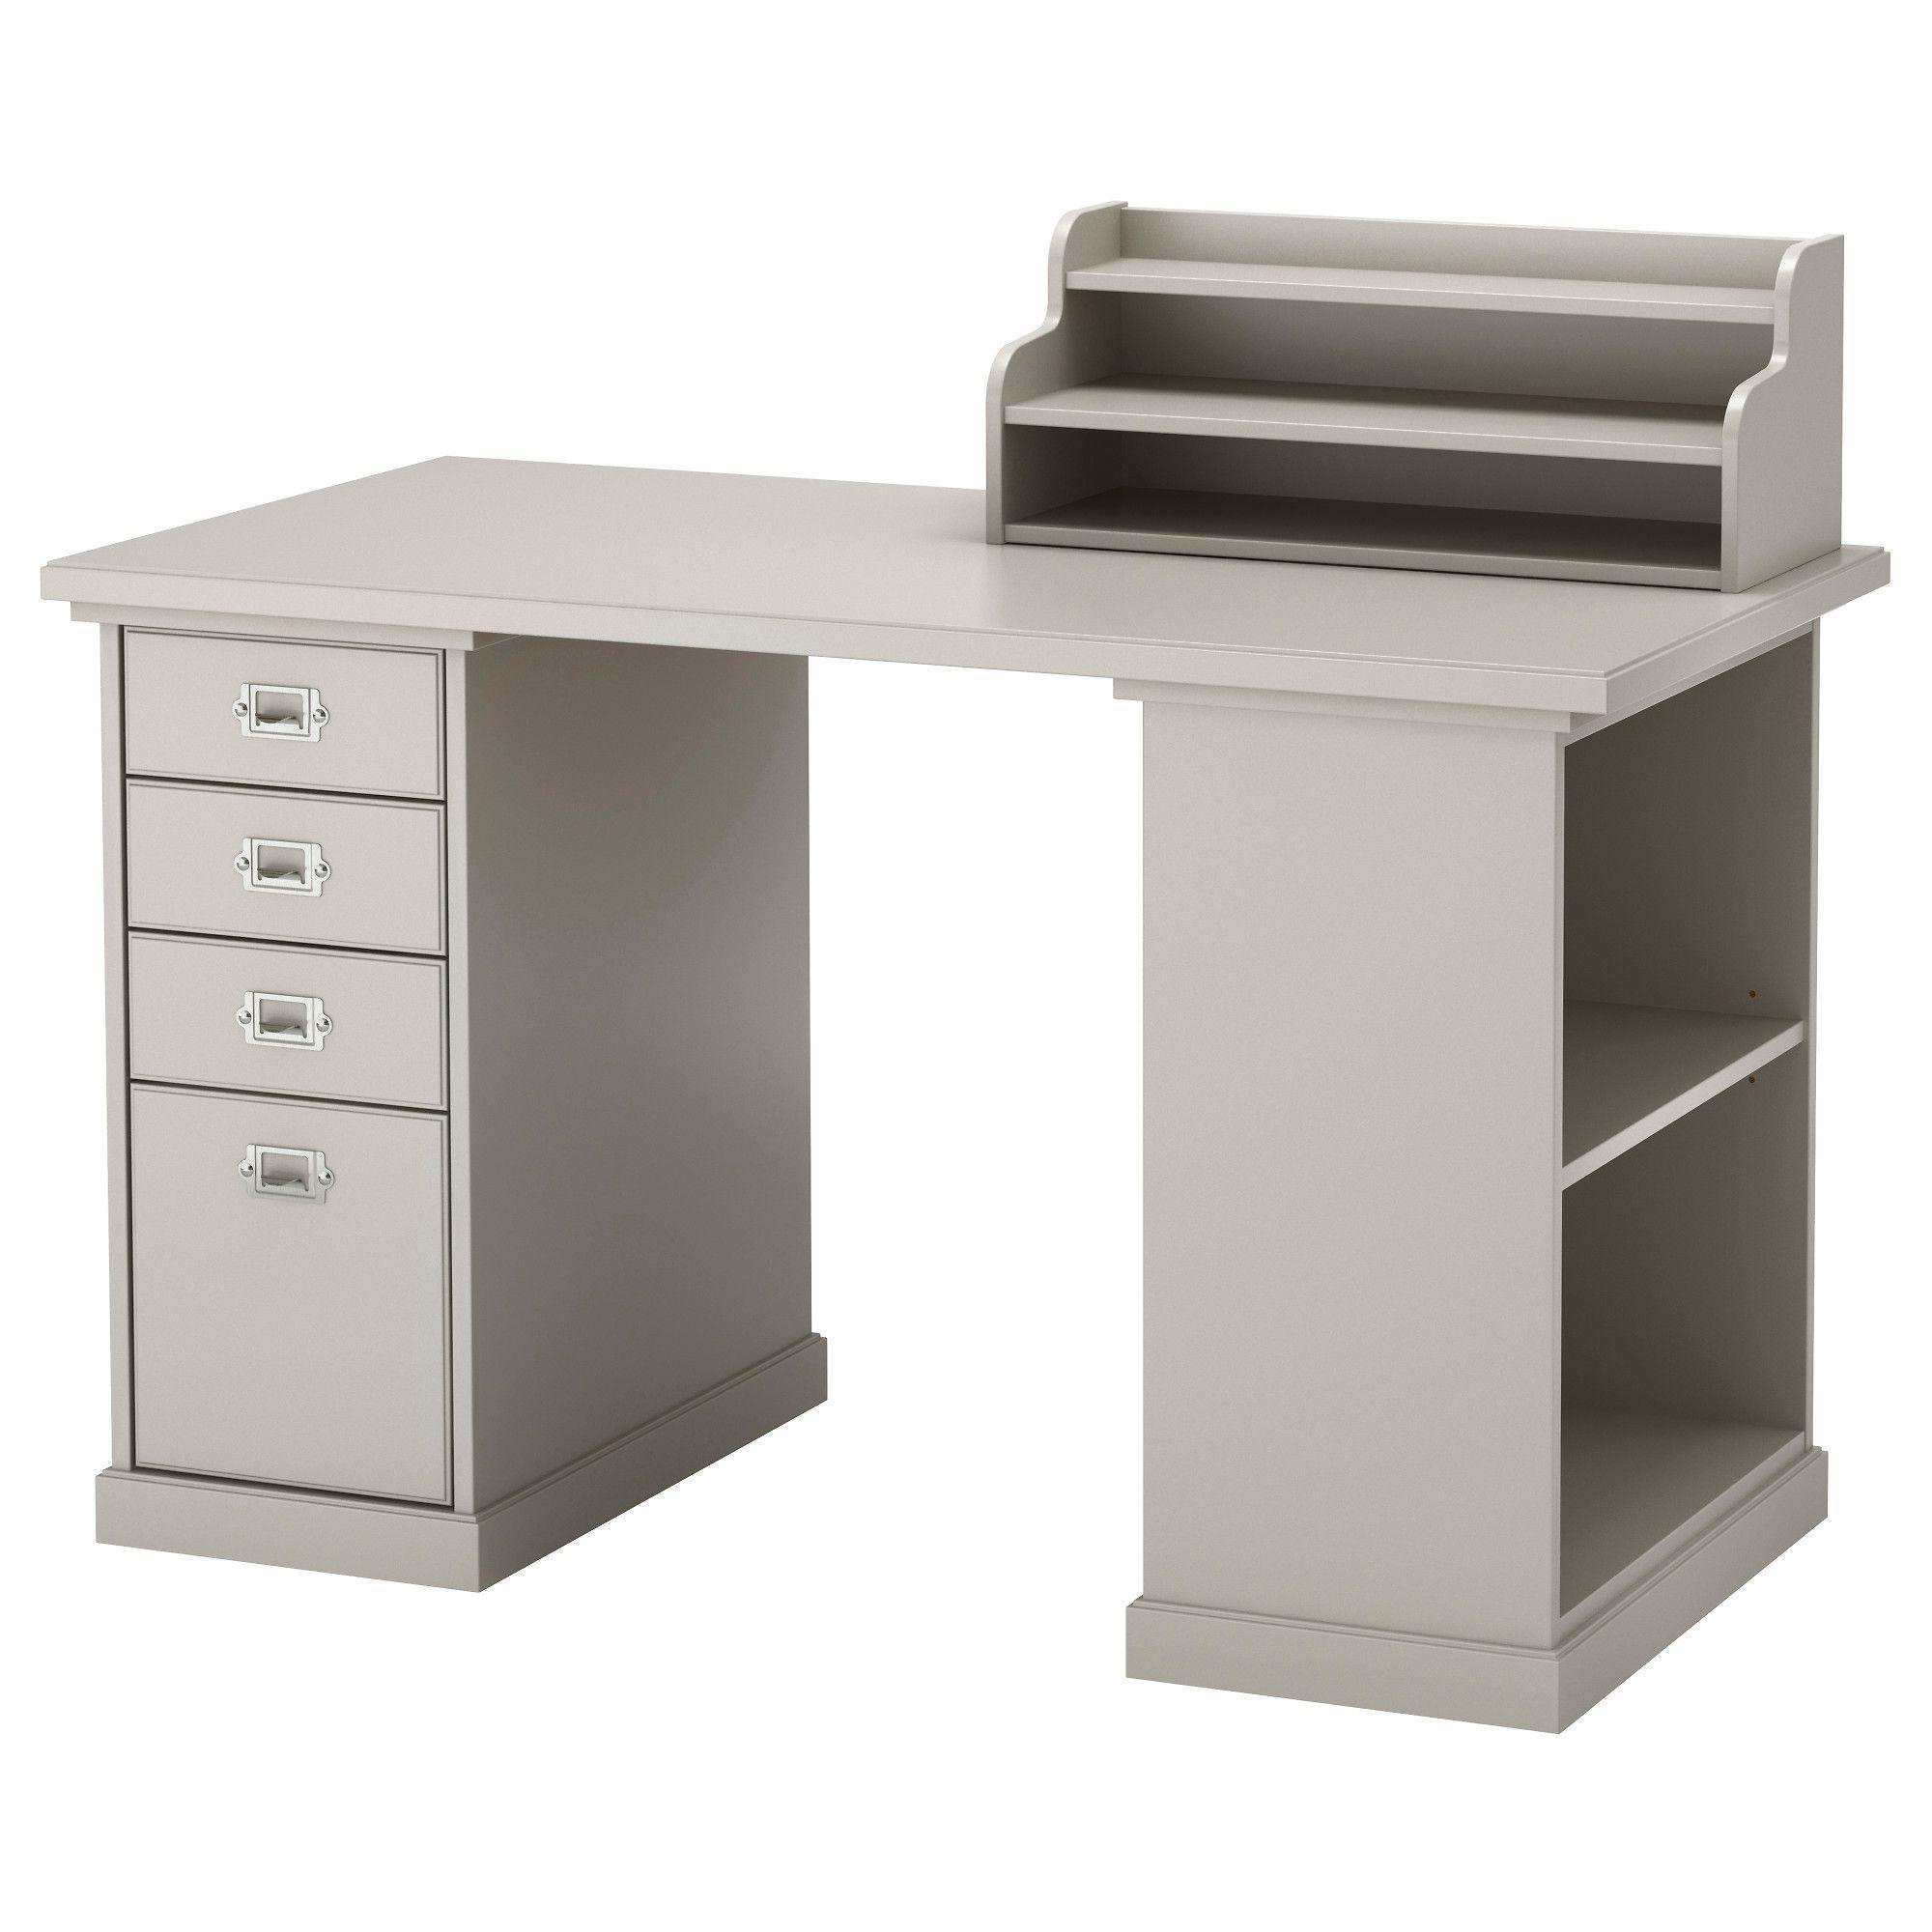 Ikea ps modulo almacenaje simple top almacenaje nios with - Mueble casillero ikea ...